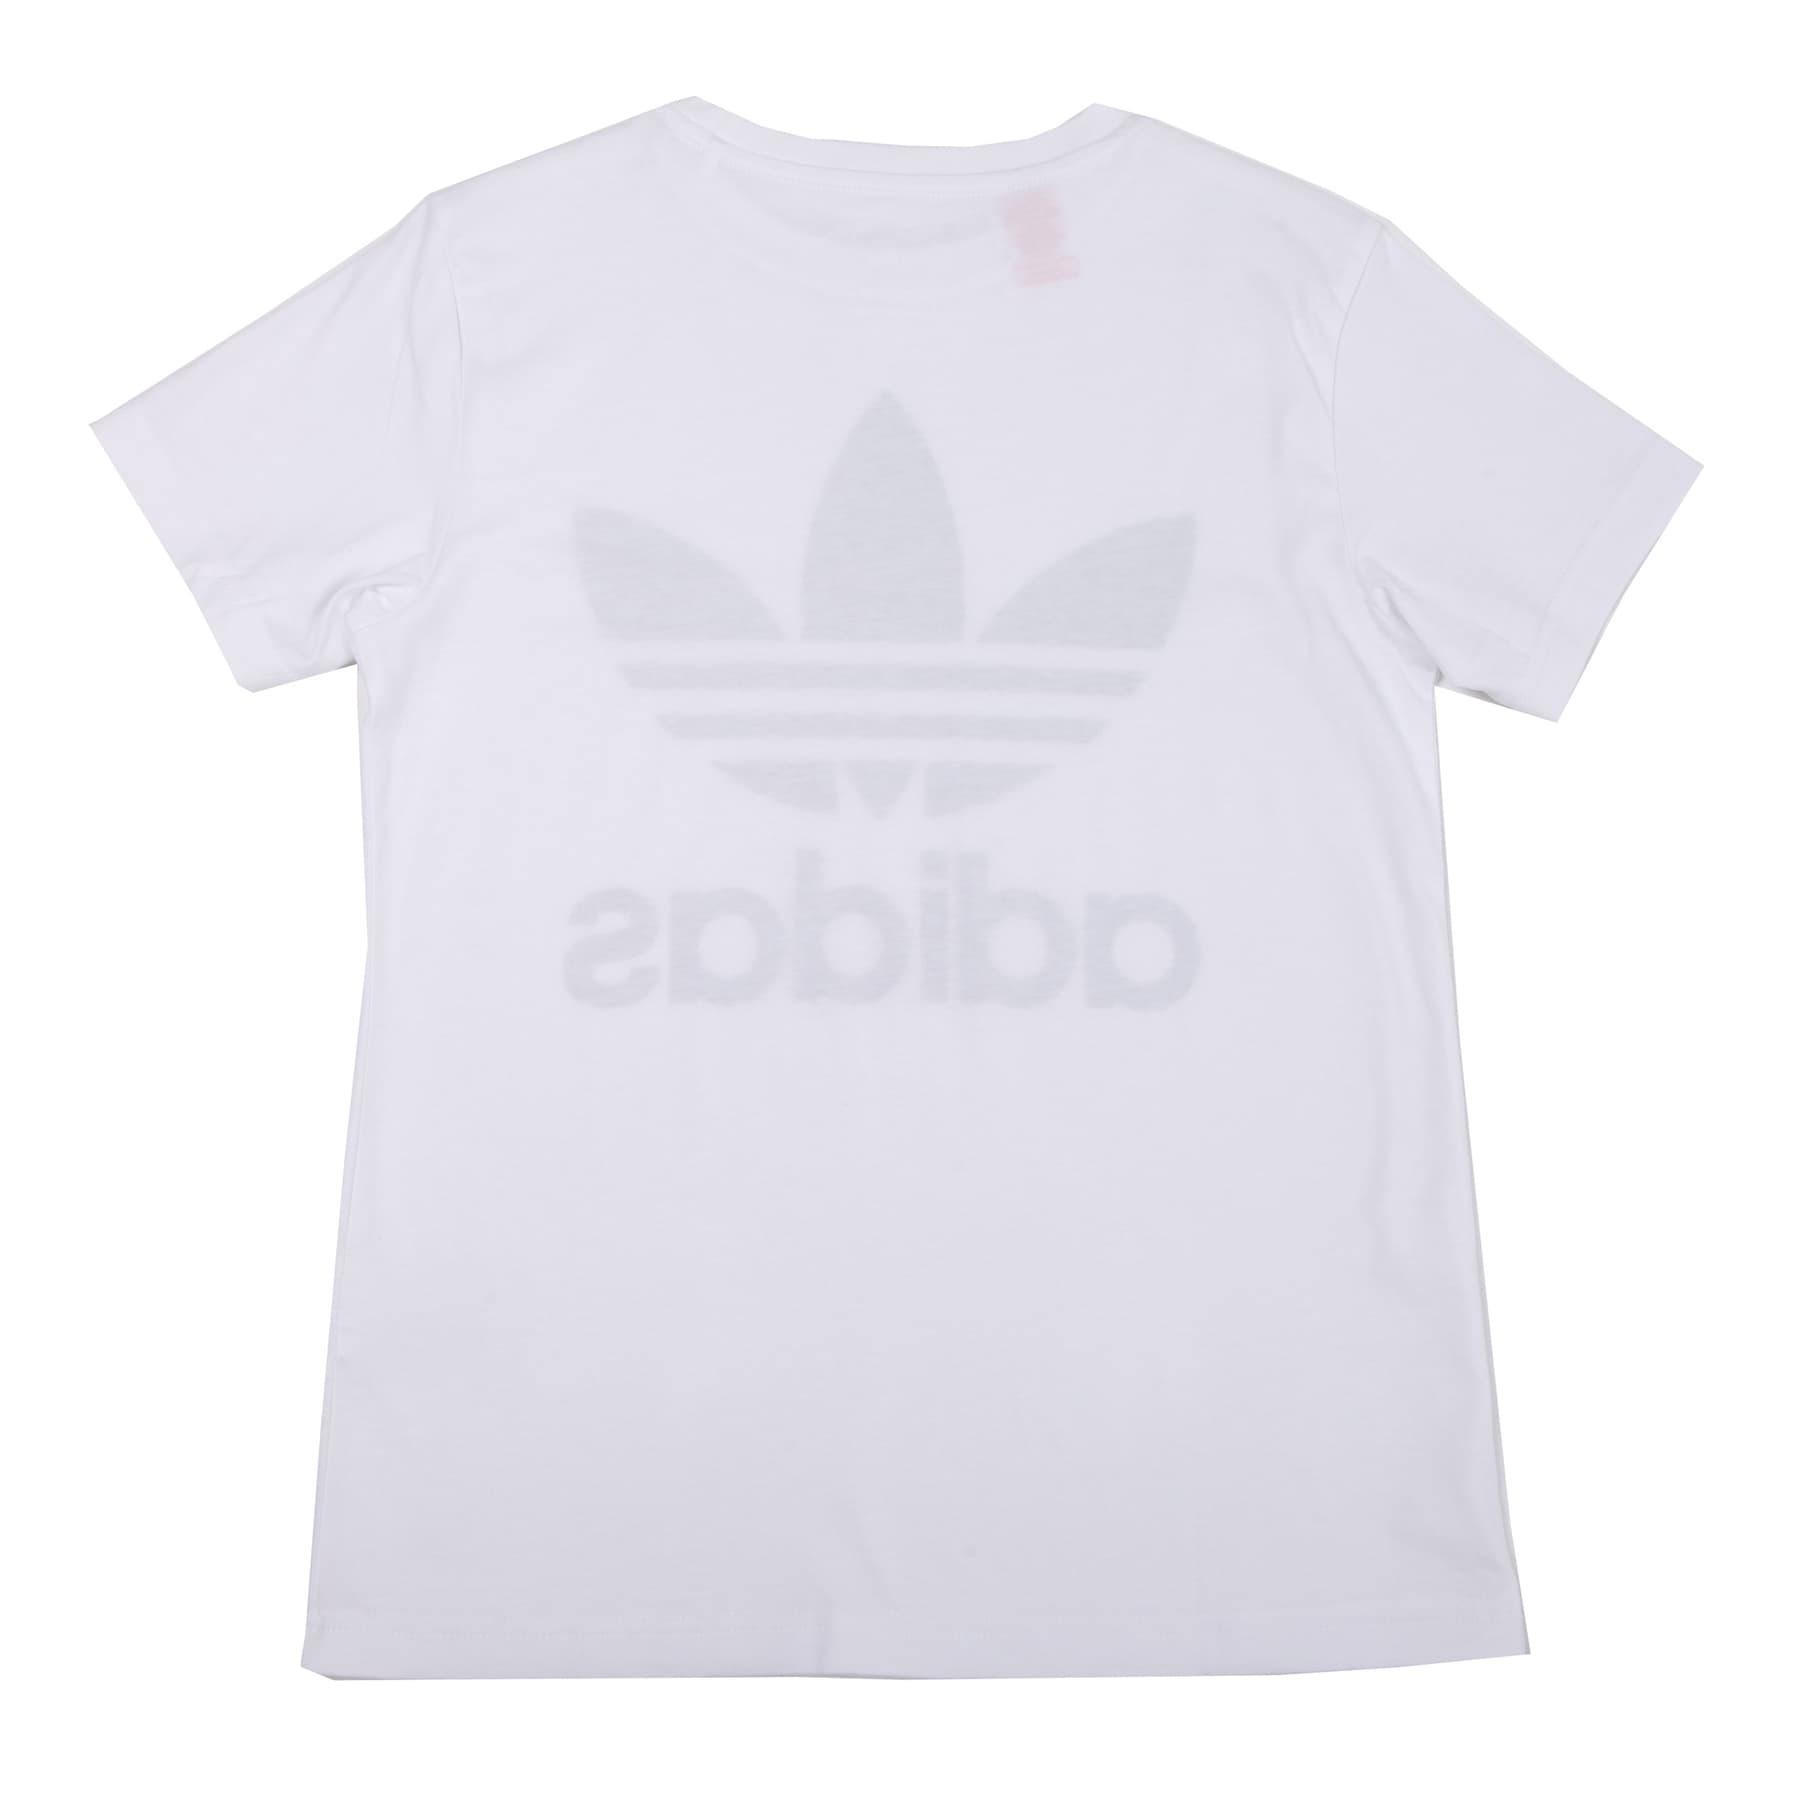 adidas Trefoil Çocuk Beyaz Tişört (DV2904)